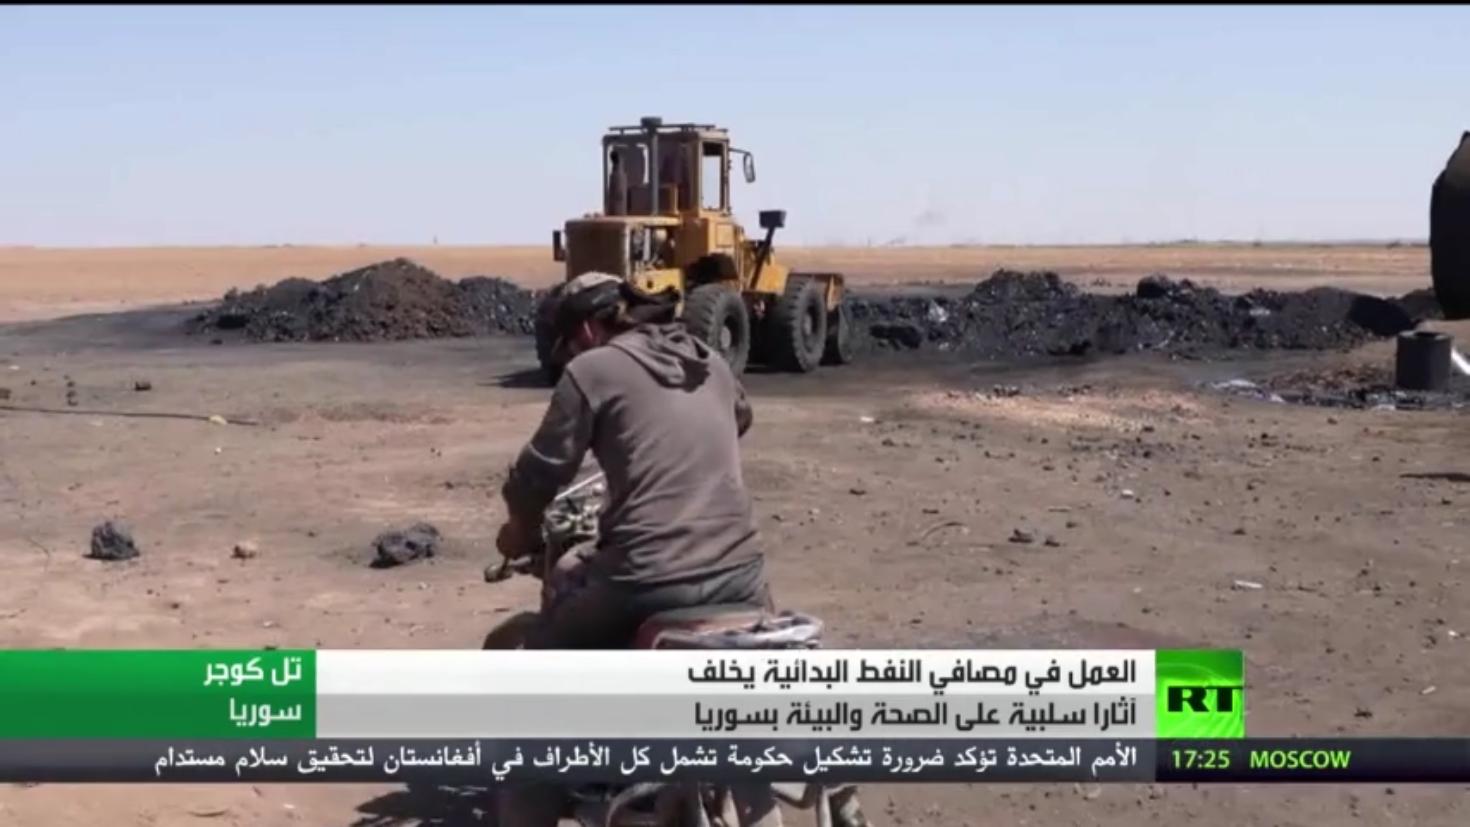 تبعات مصافي النفط البدائية في سوريا